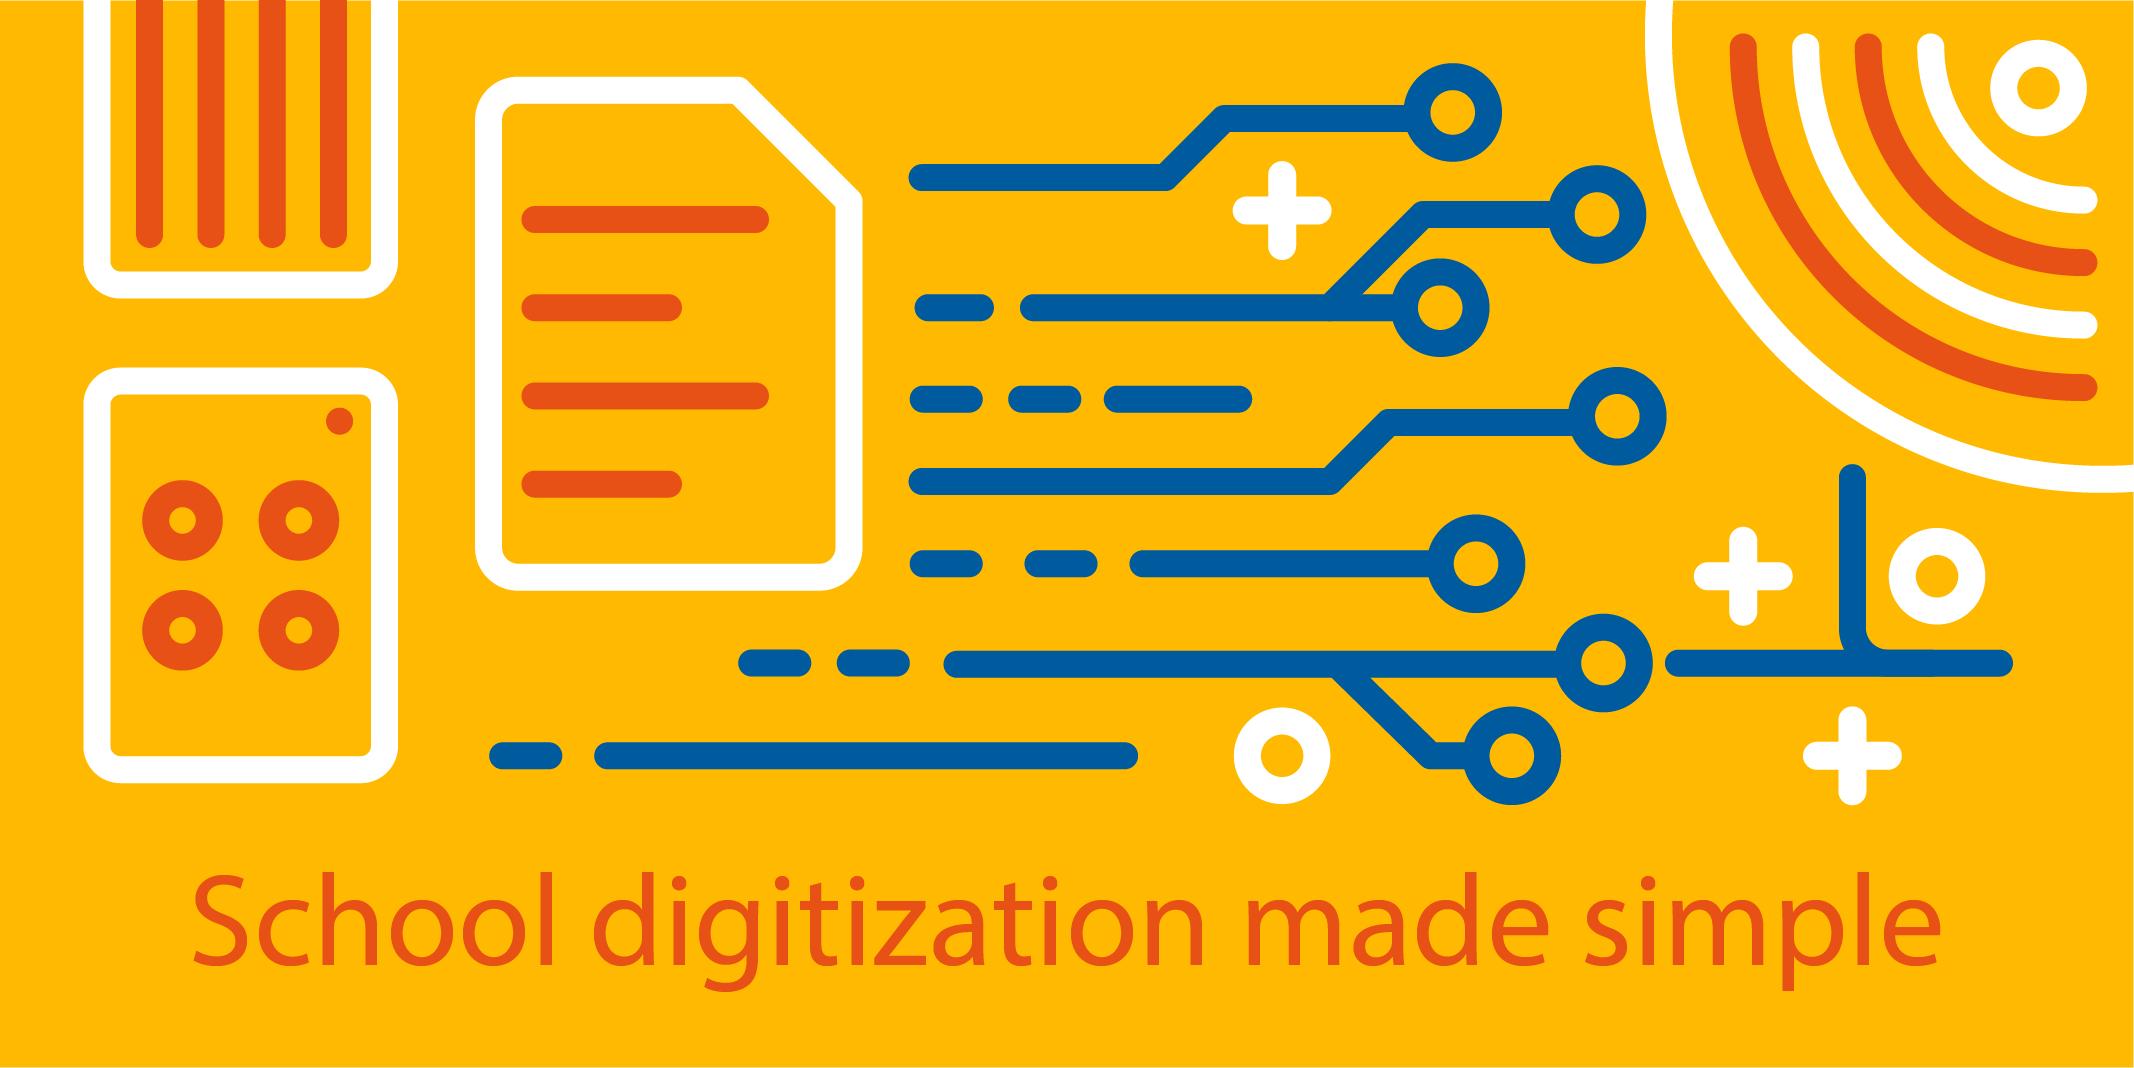 Effective digitization requires educational understanding